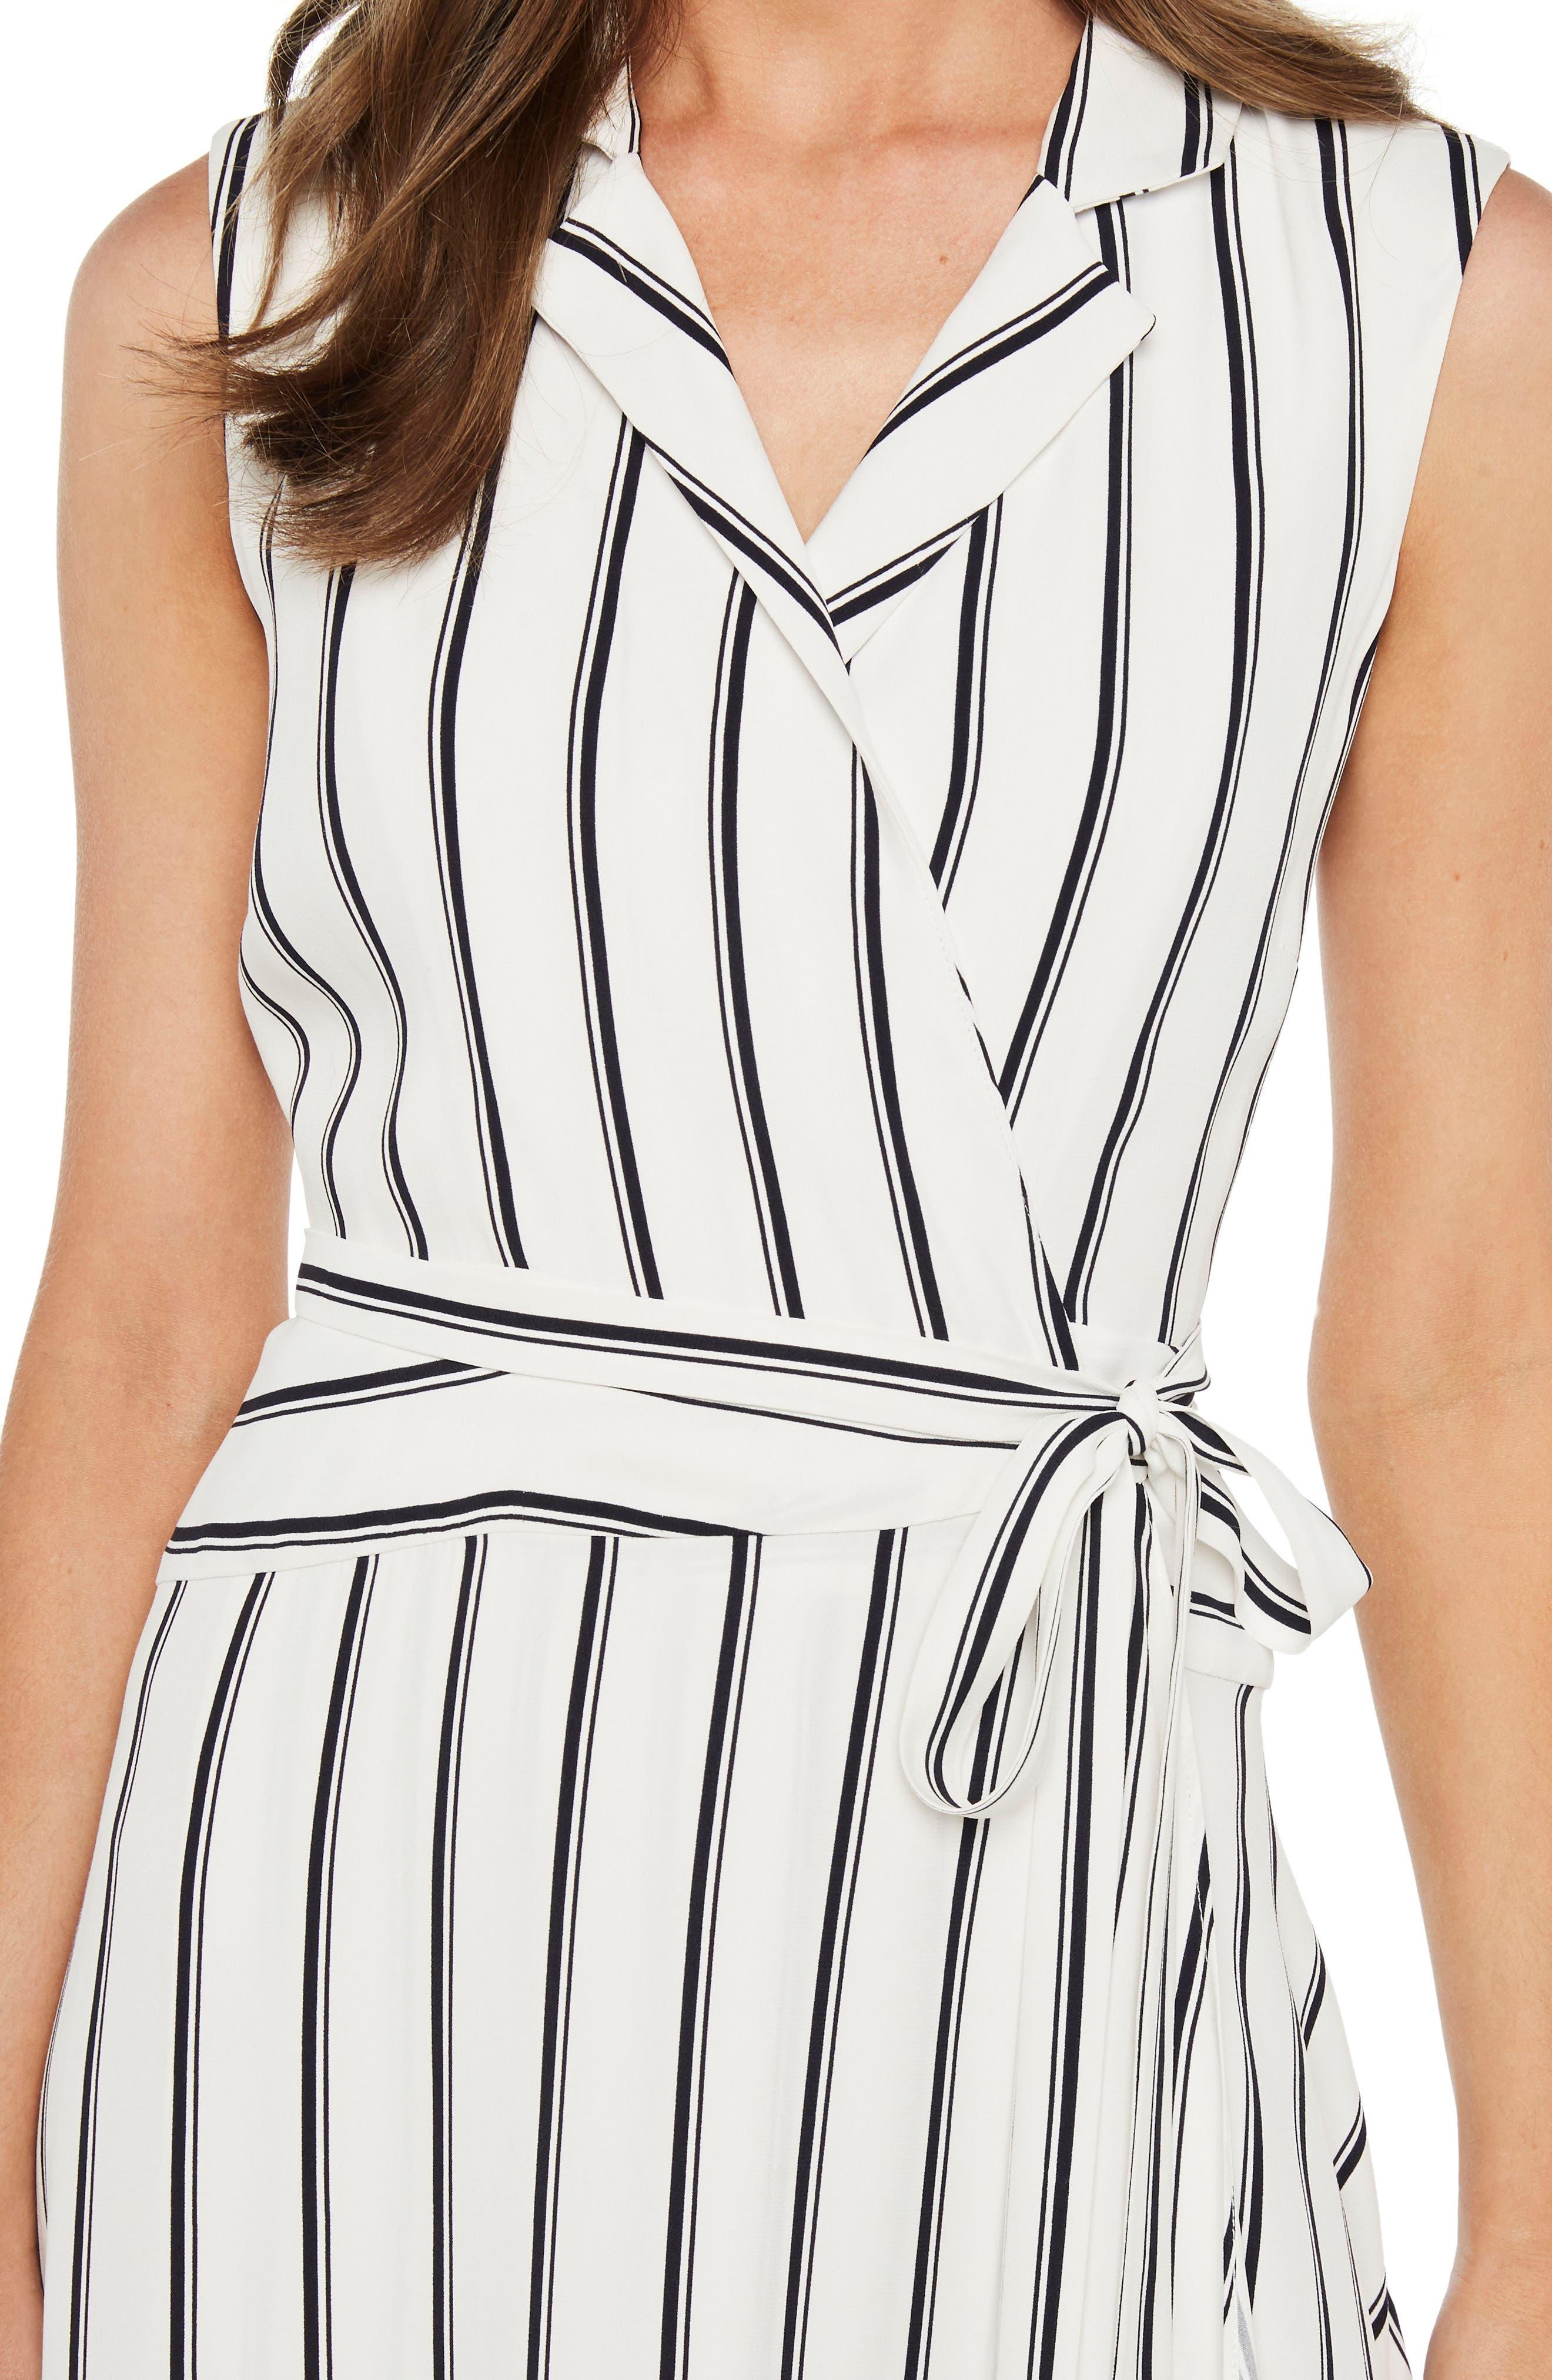 Salina Stripe Asymmetric Wrap Dress,                             Alternate thumbnail 4, color,                             162